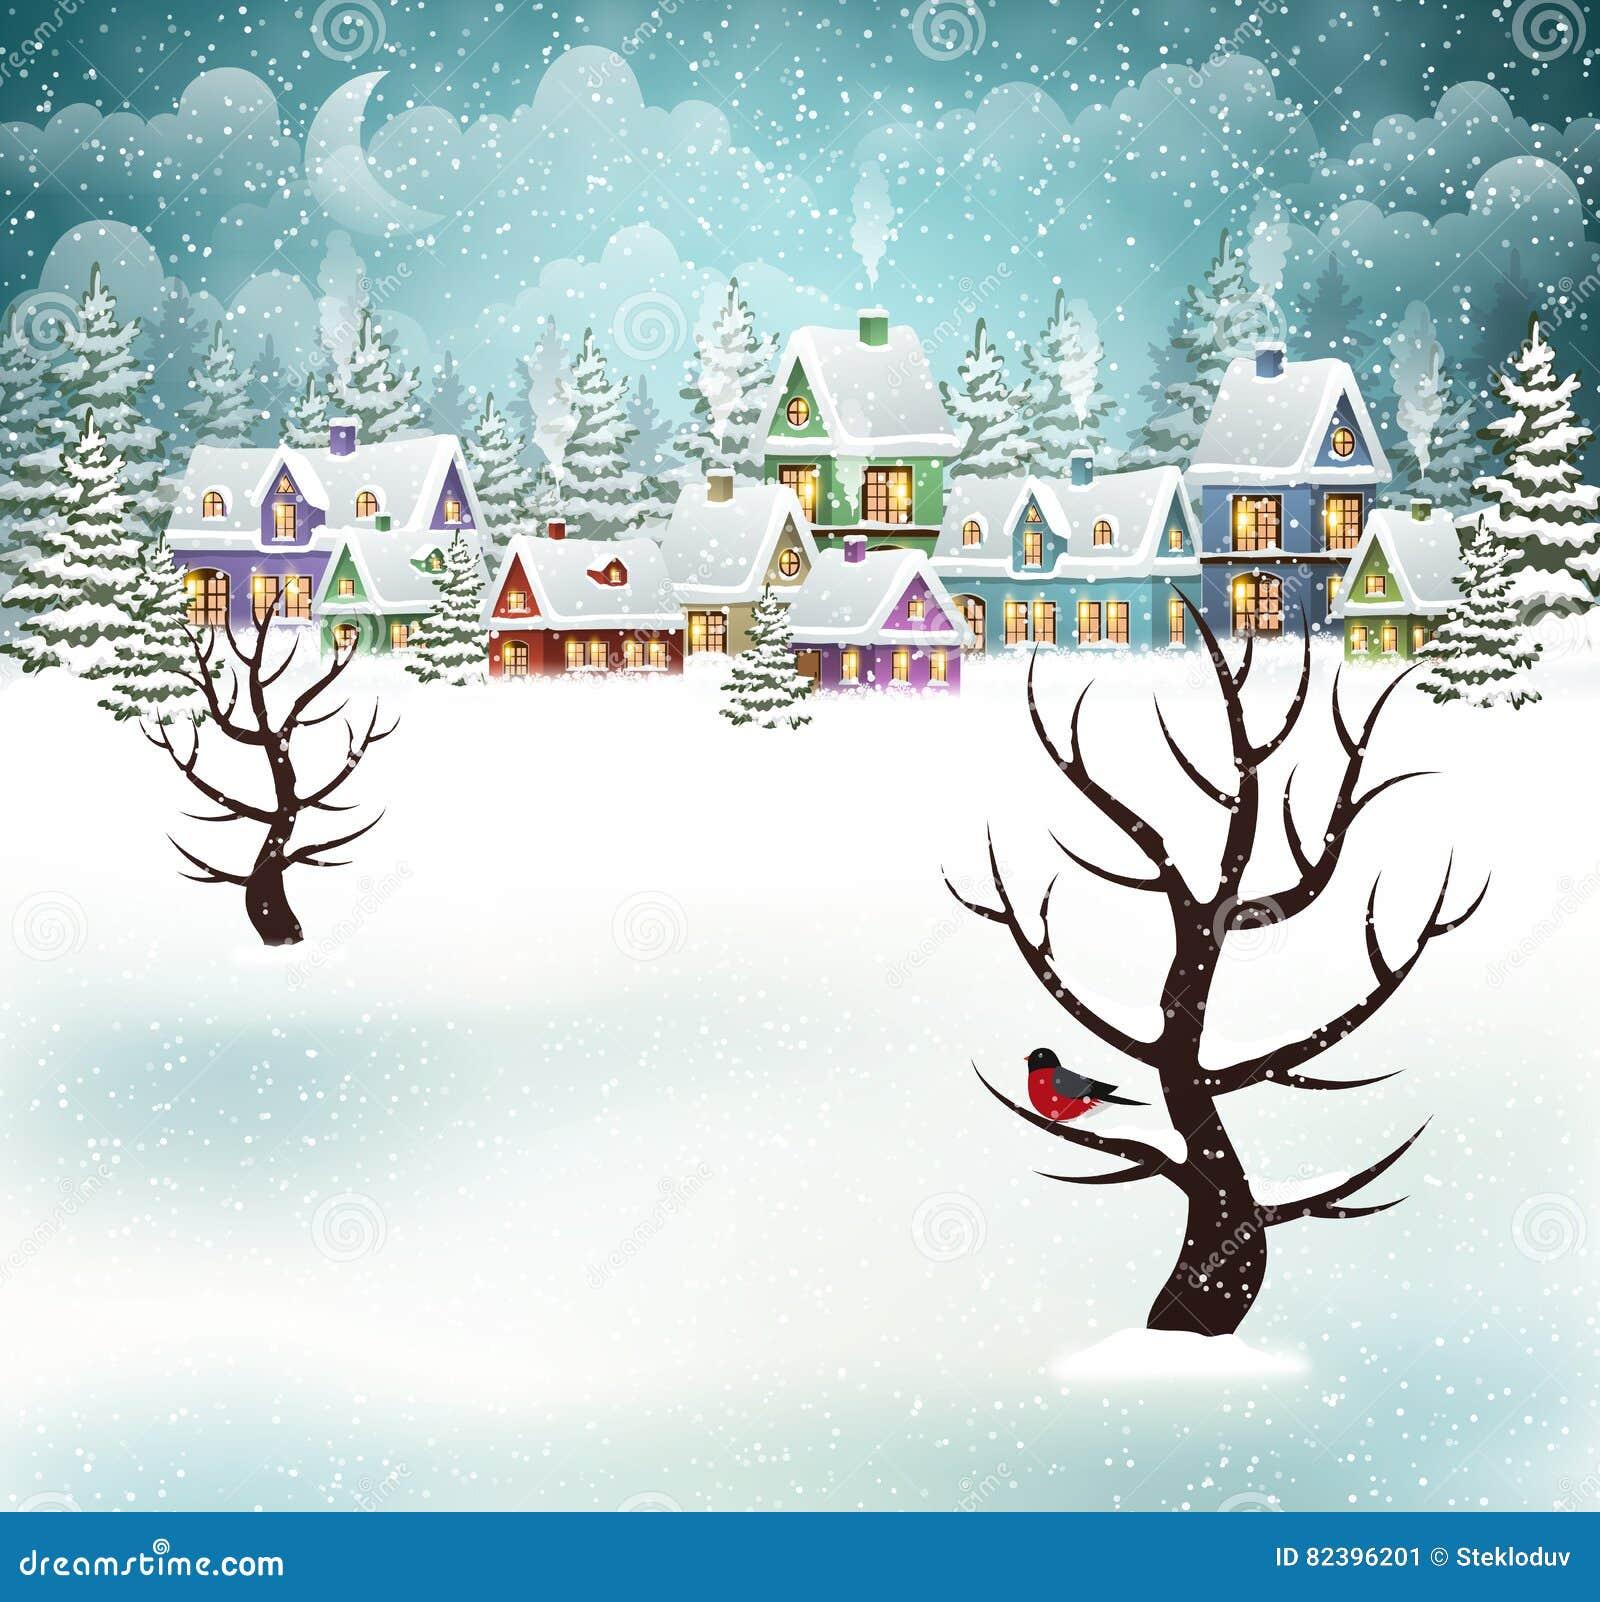 Evening winter village scene